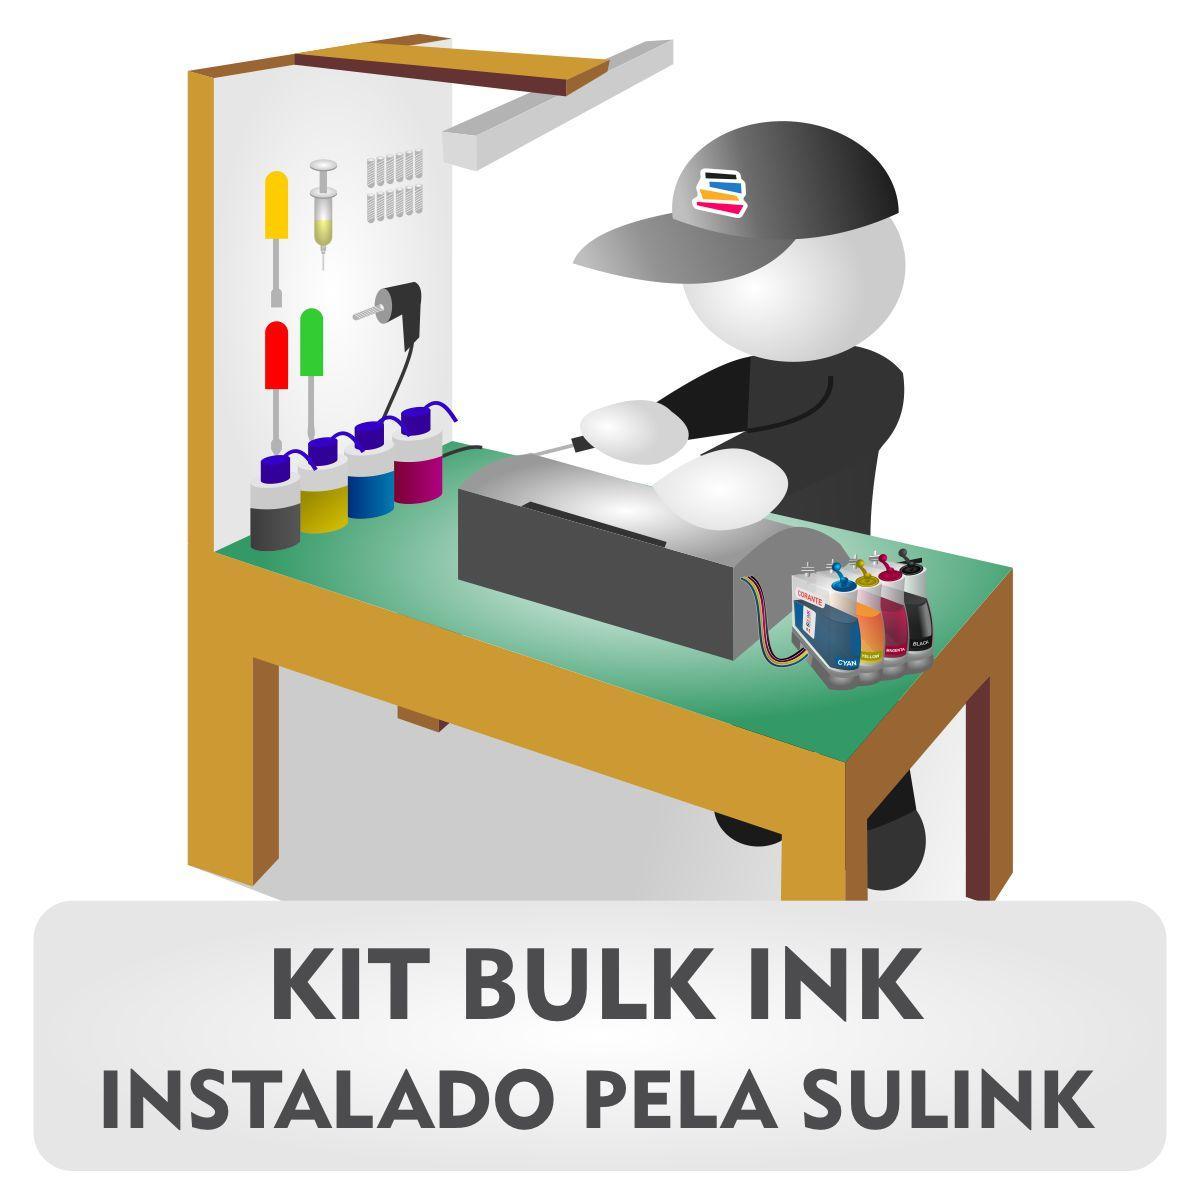 """INSTALADO - BULK INK PARA HP DESIGNJET T520 E T530 36"""" - 1000ML 4 CORES PIGMENTADA (SEM CARTUCHO - UTILIZAR ORIGINAL DO CLIENTE)"""